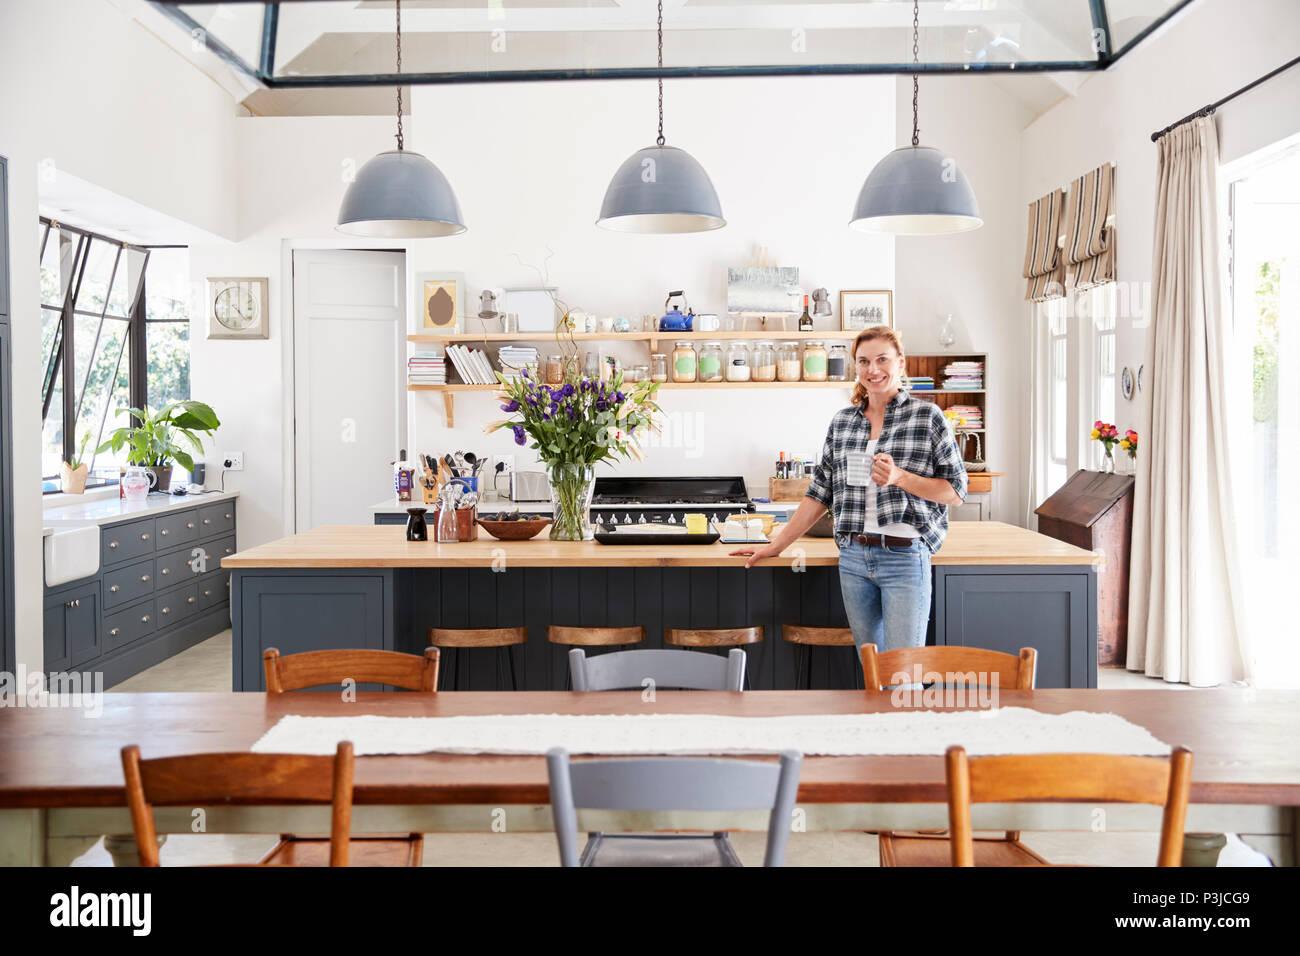 Offene kuche mit esszimmer for Wohnkuchen im landhausstil